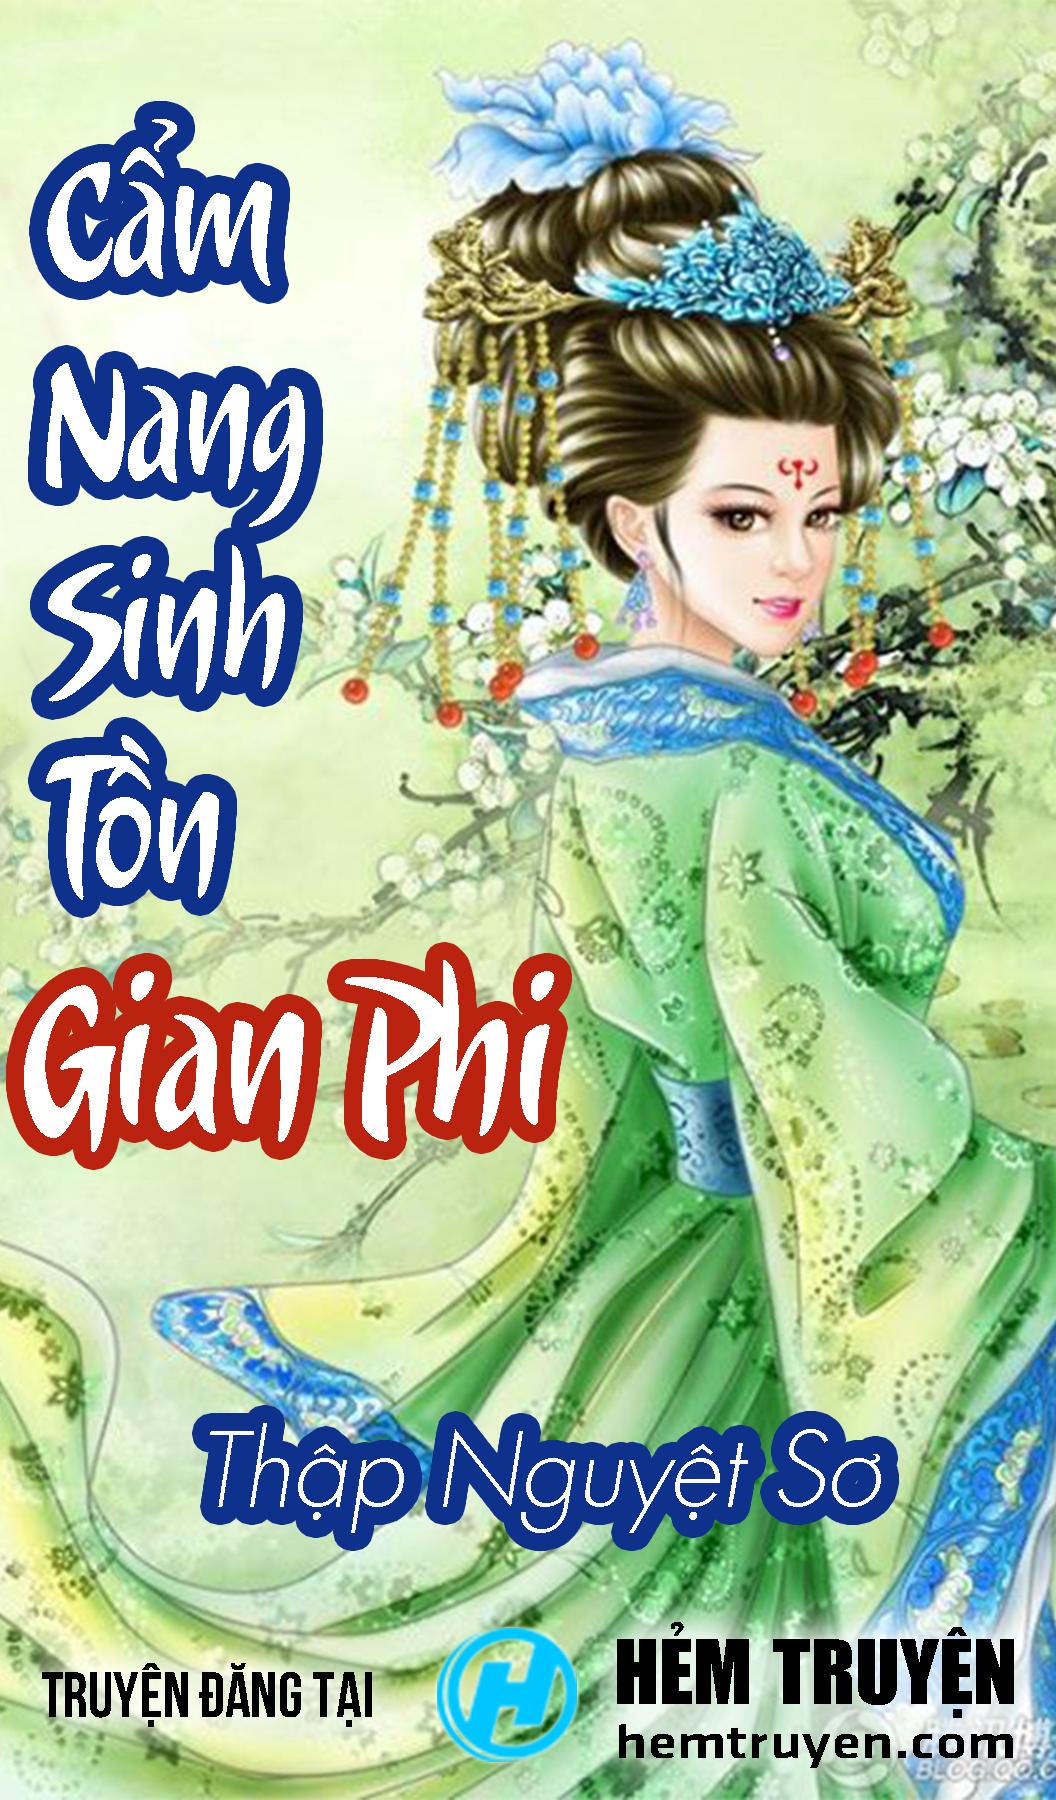 Đọc truyện Cẩm Nang Sinh Tồn Gian Phi của Thập Nguyệt Sơ trên HEMTRUYEN.COM